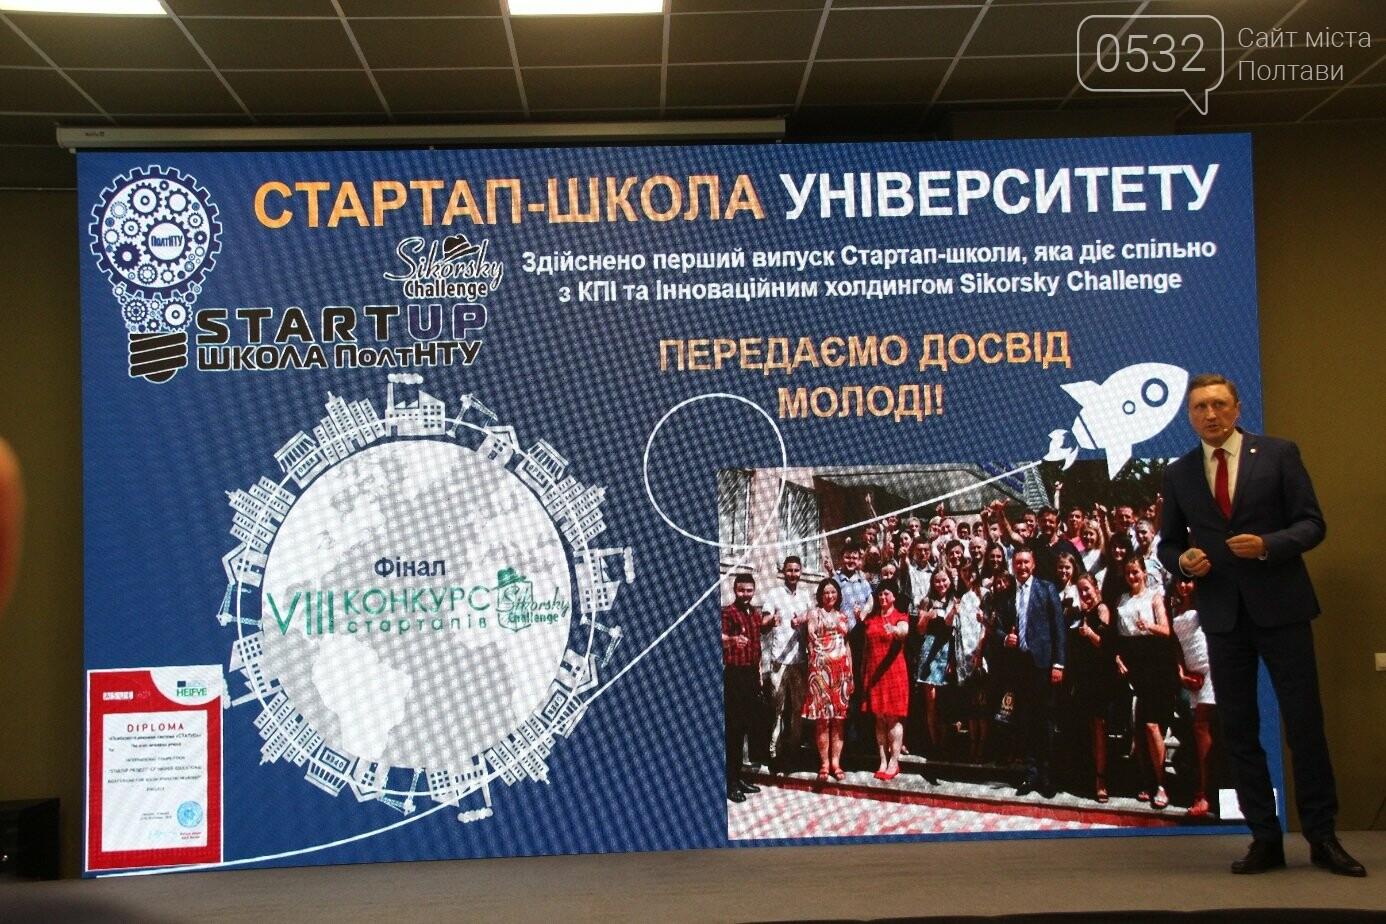 Полтавський національний технічний університет імені Юрія Кондратюка став «Полтавською політехнікою», фото-8